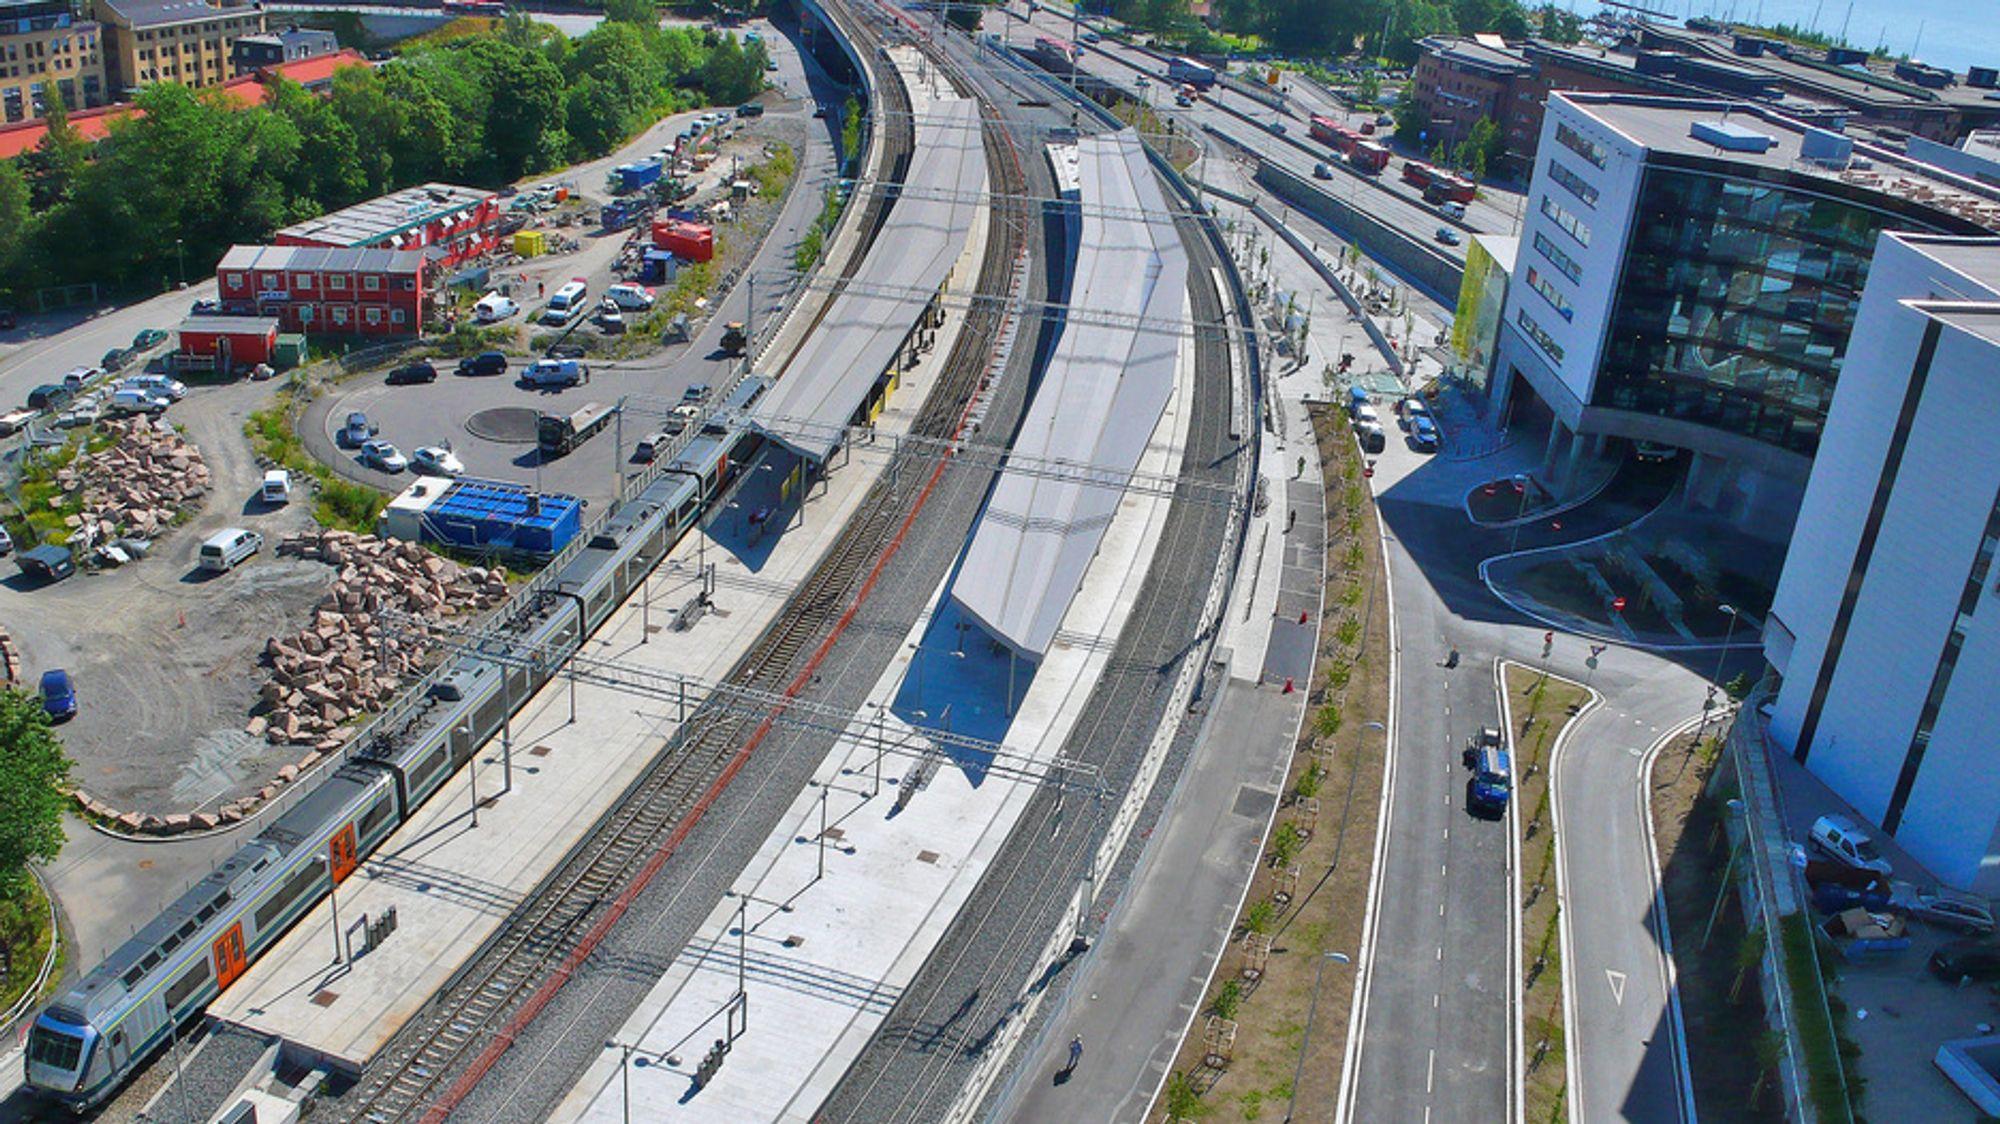 NYTT: De nye sporene ved Lysaker stasjon åpnes for trafikk fra og med mandag morgen. Da vil alle tog østover mot Oslo gå fra den nye plattformen til høyre i bildet.